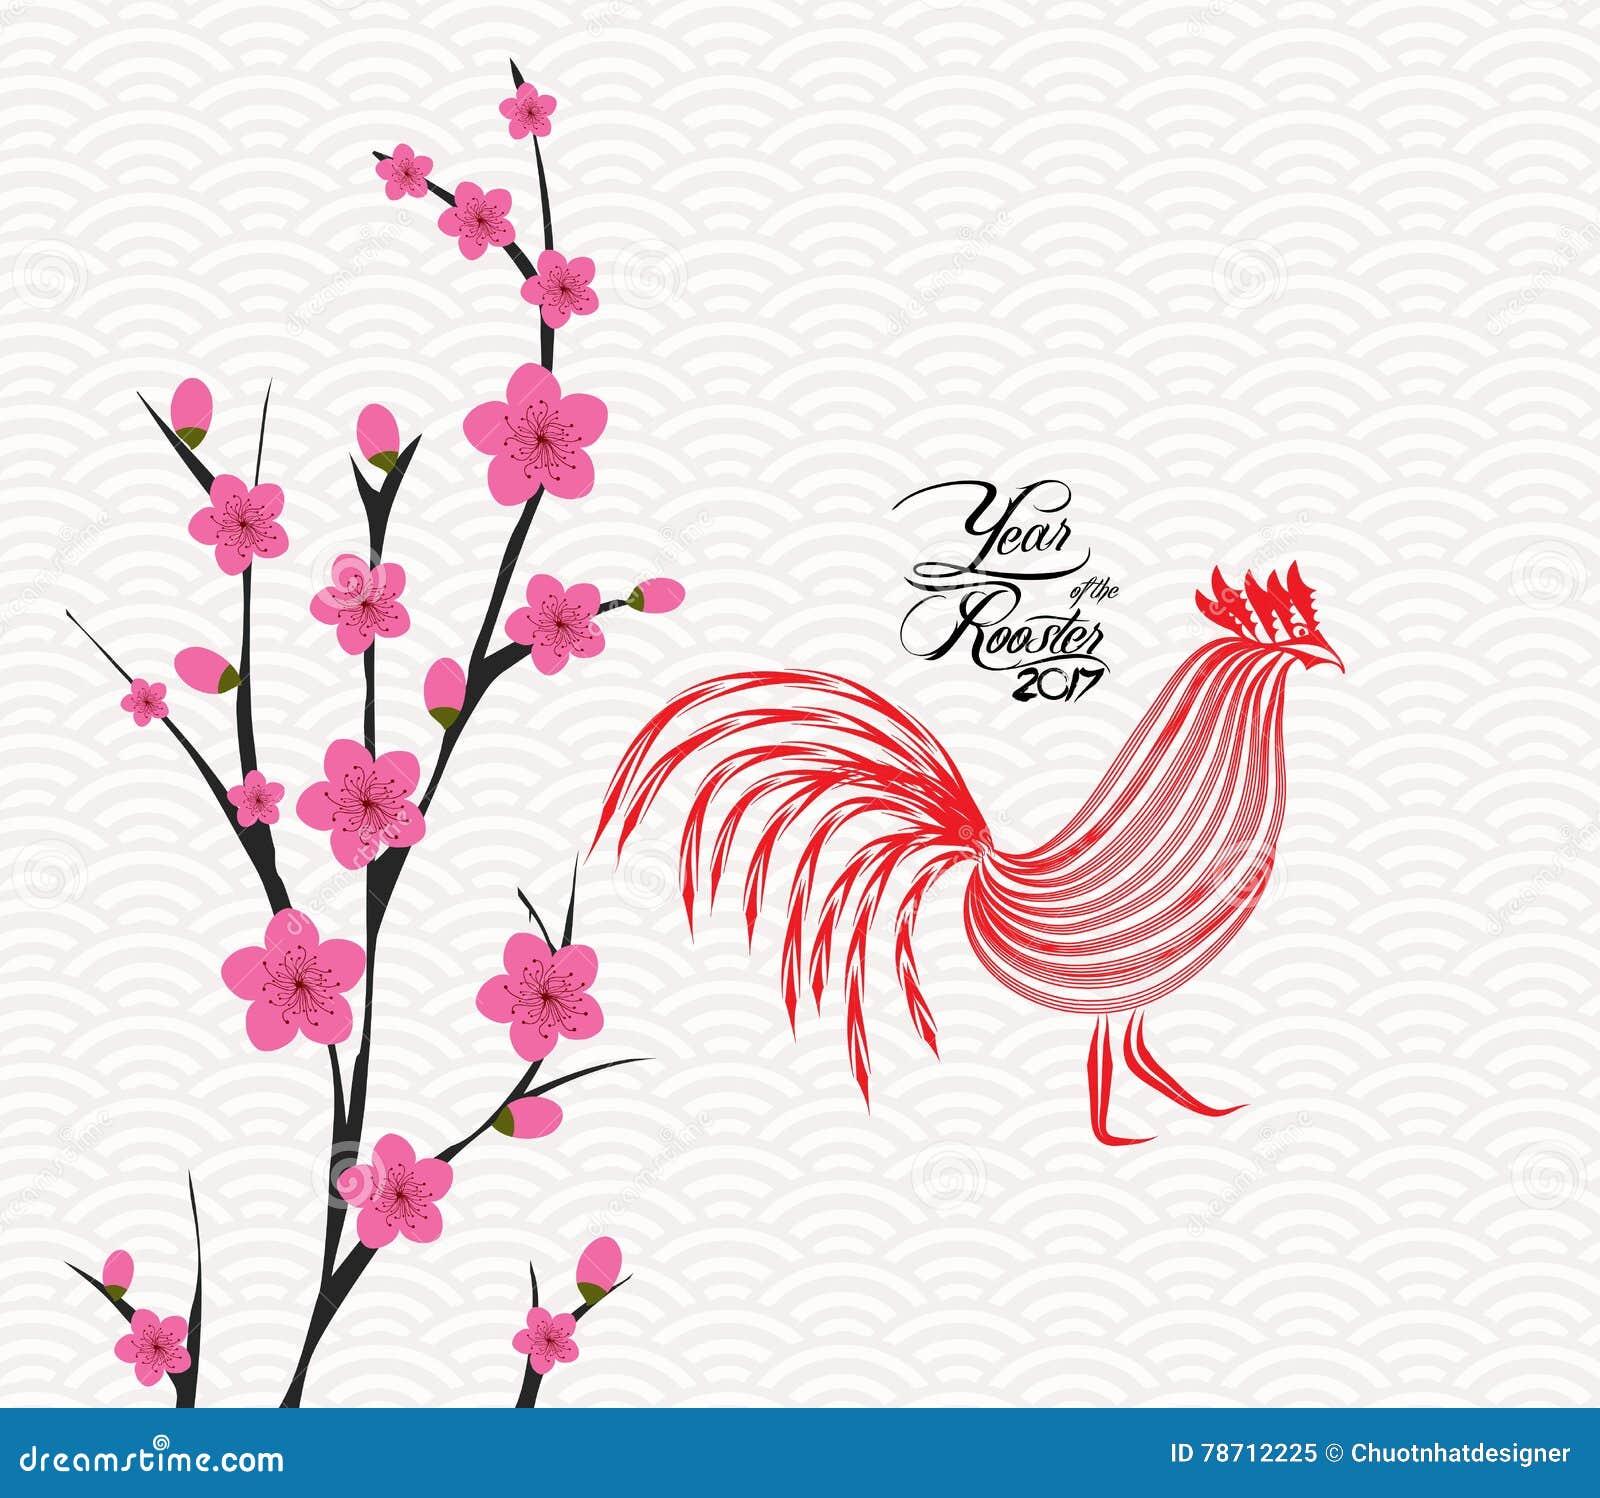 Glückliche chinesische Karte des neuen Jahres 2017 ist Blüte Jahr des Hahns